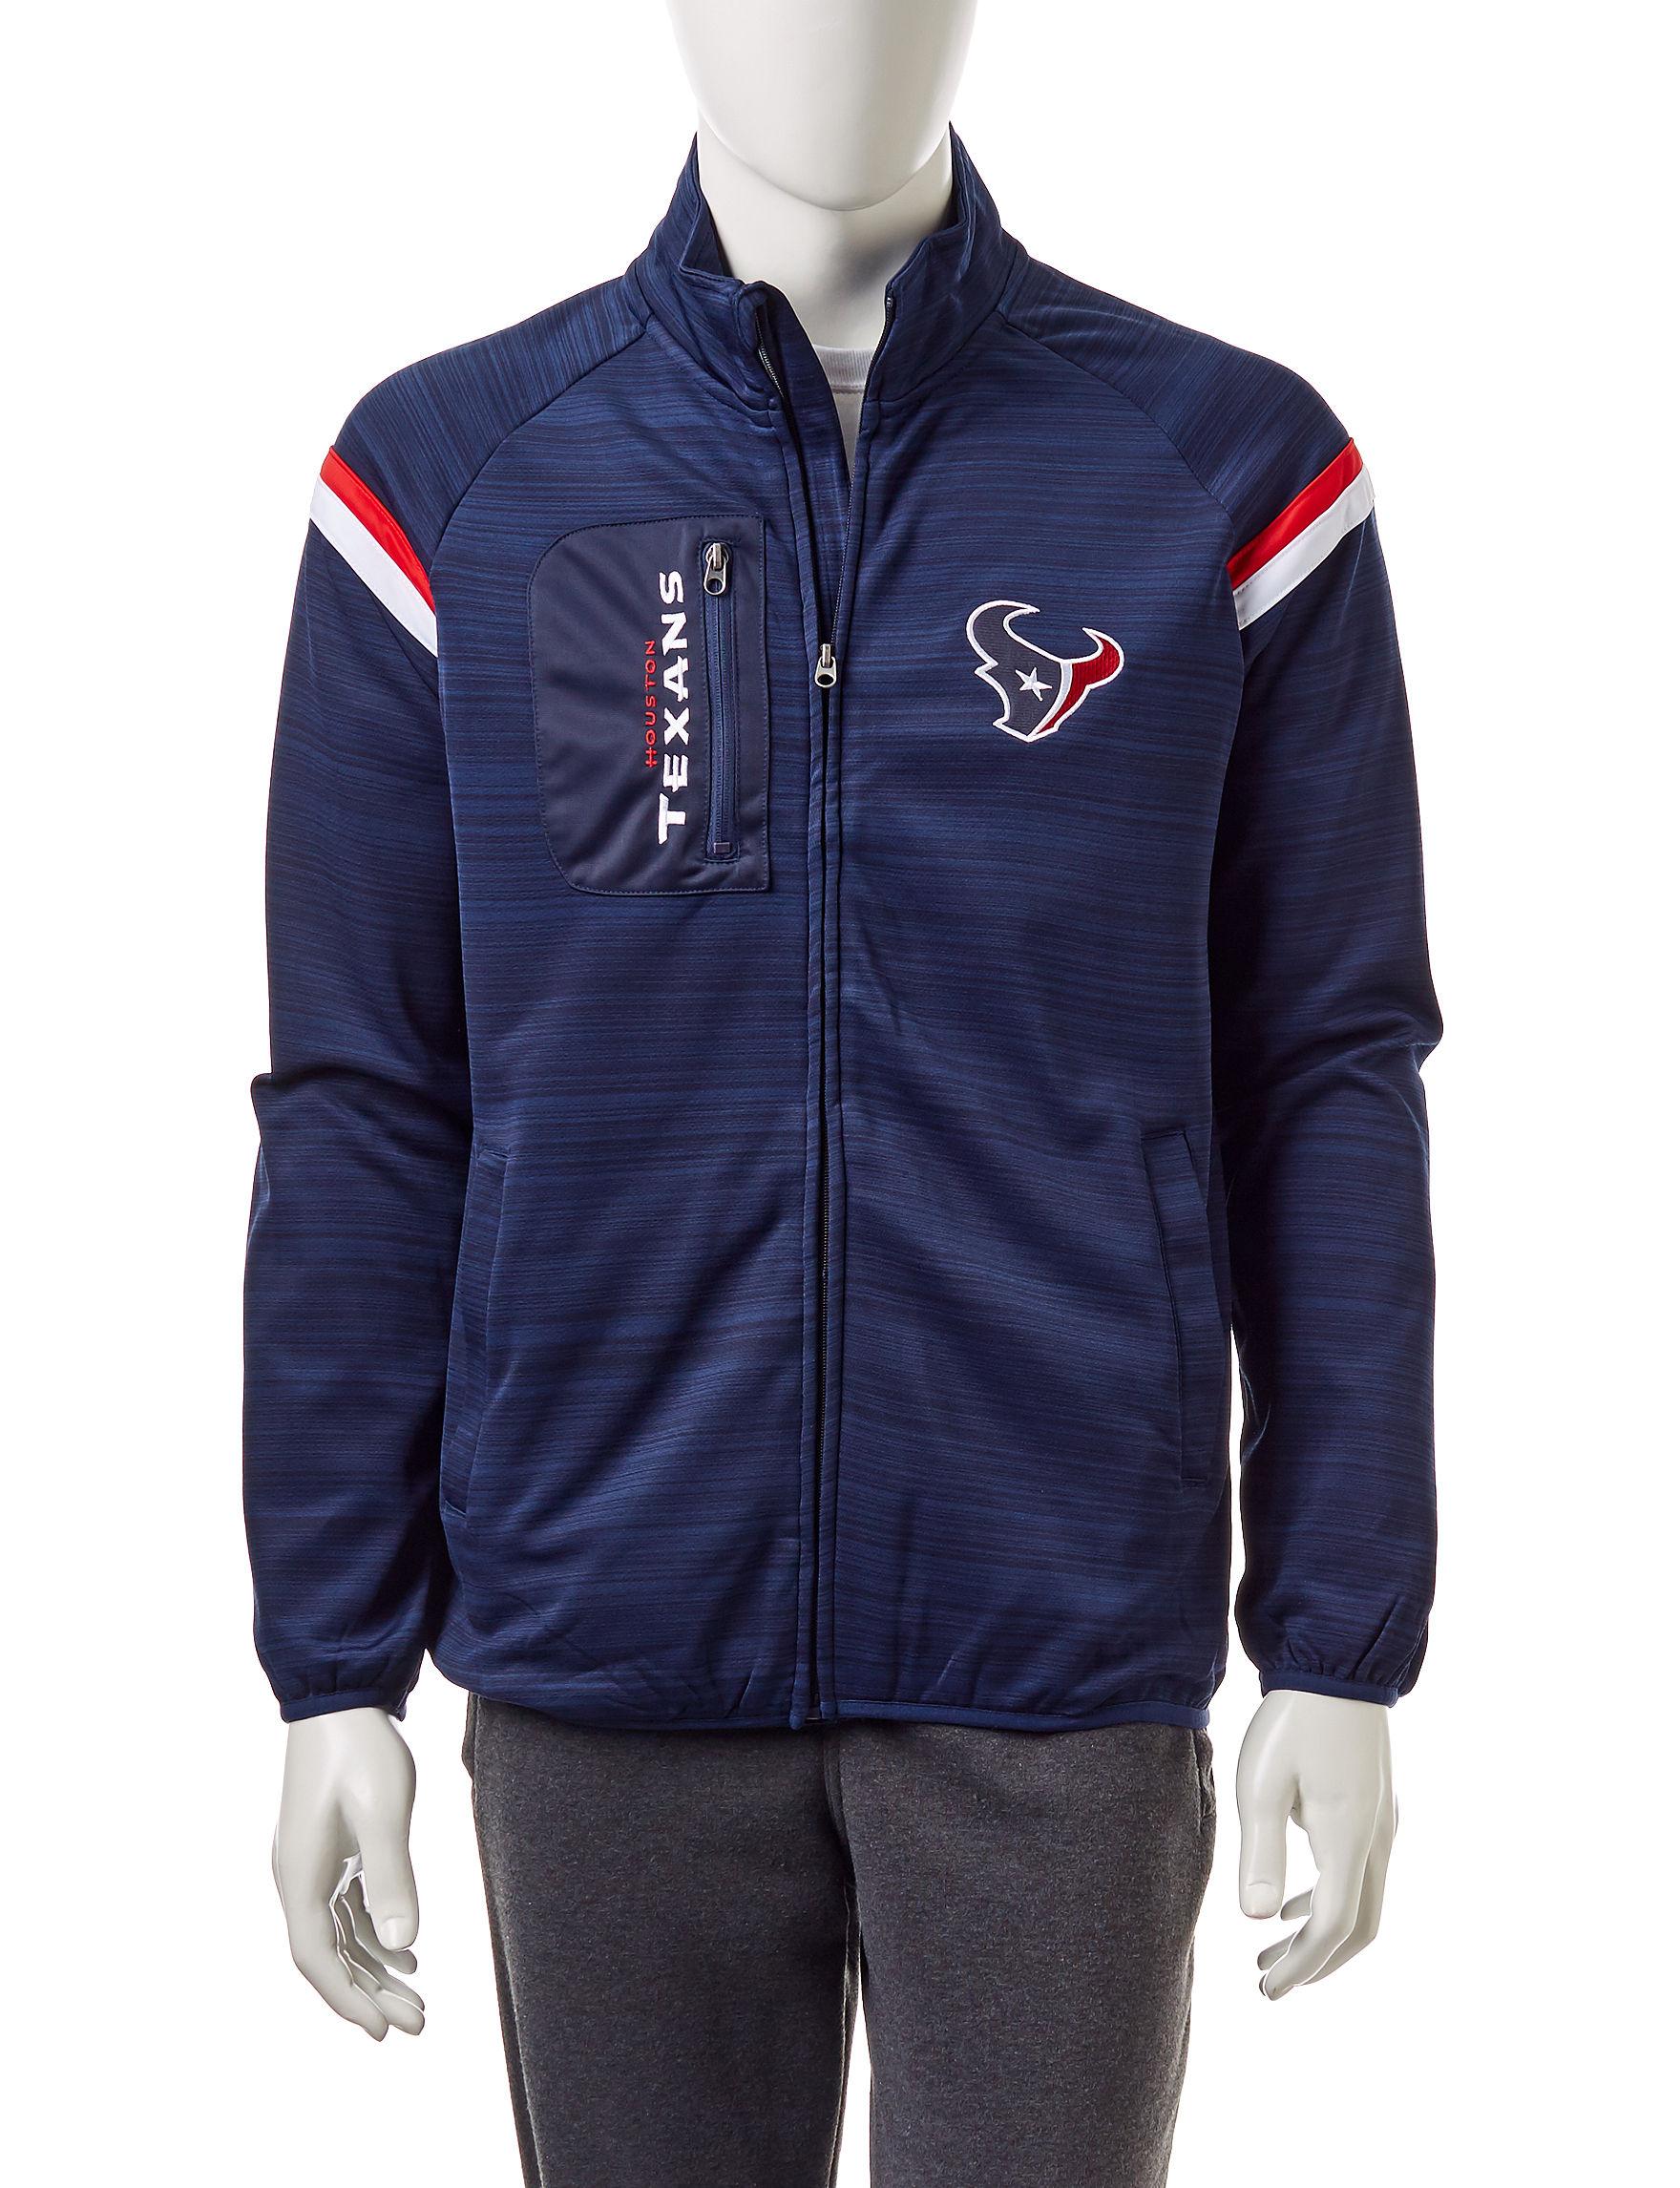 NFL Navy Zip-Ups